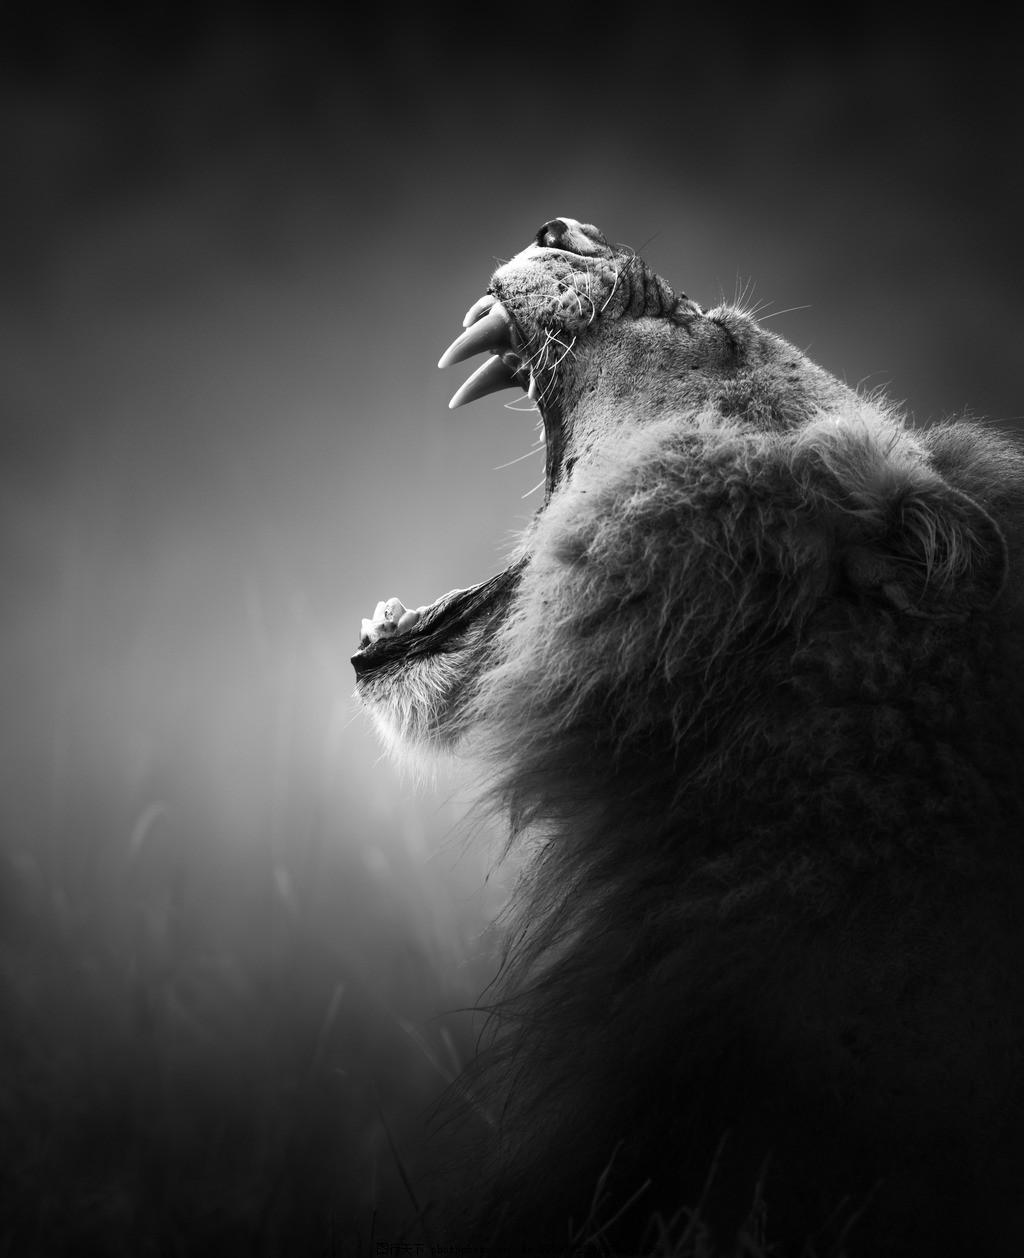 狮子 仰天长啸 黑白 嘶吼 野生 动物